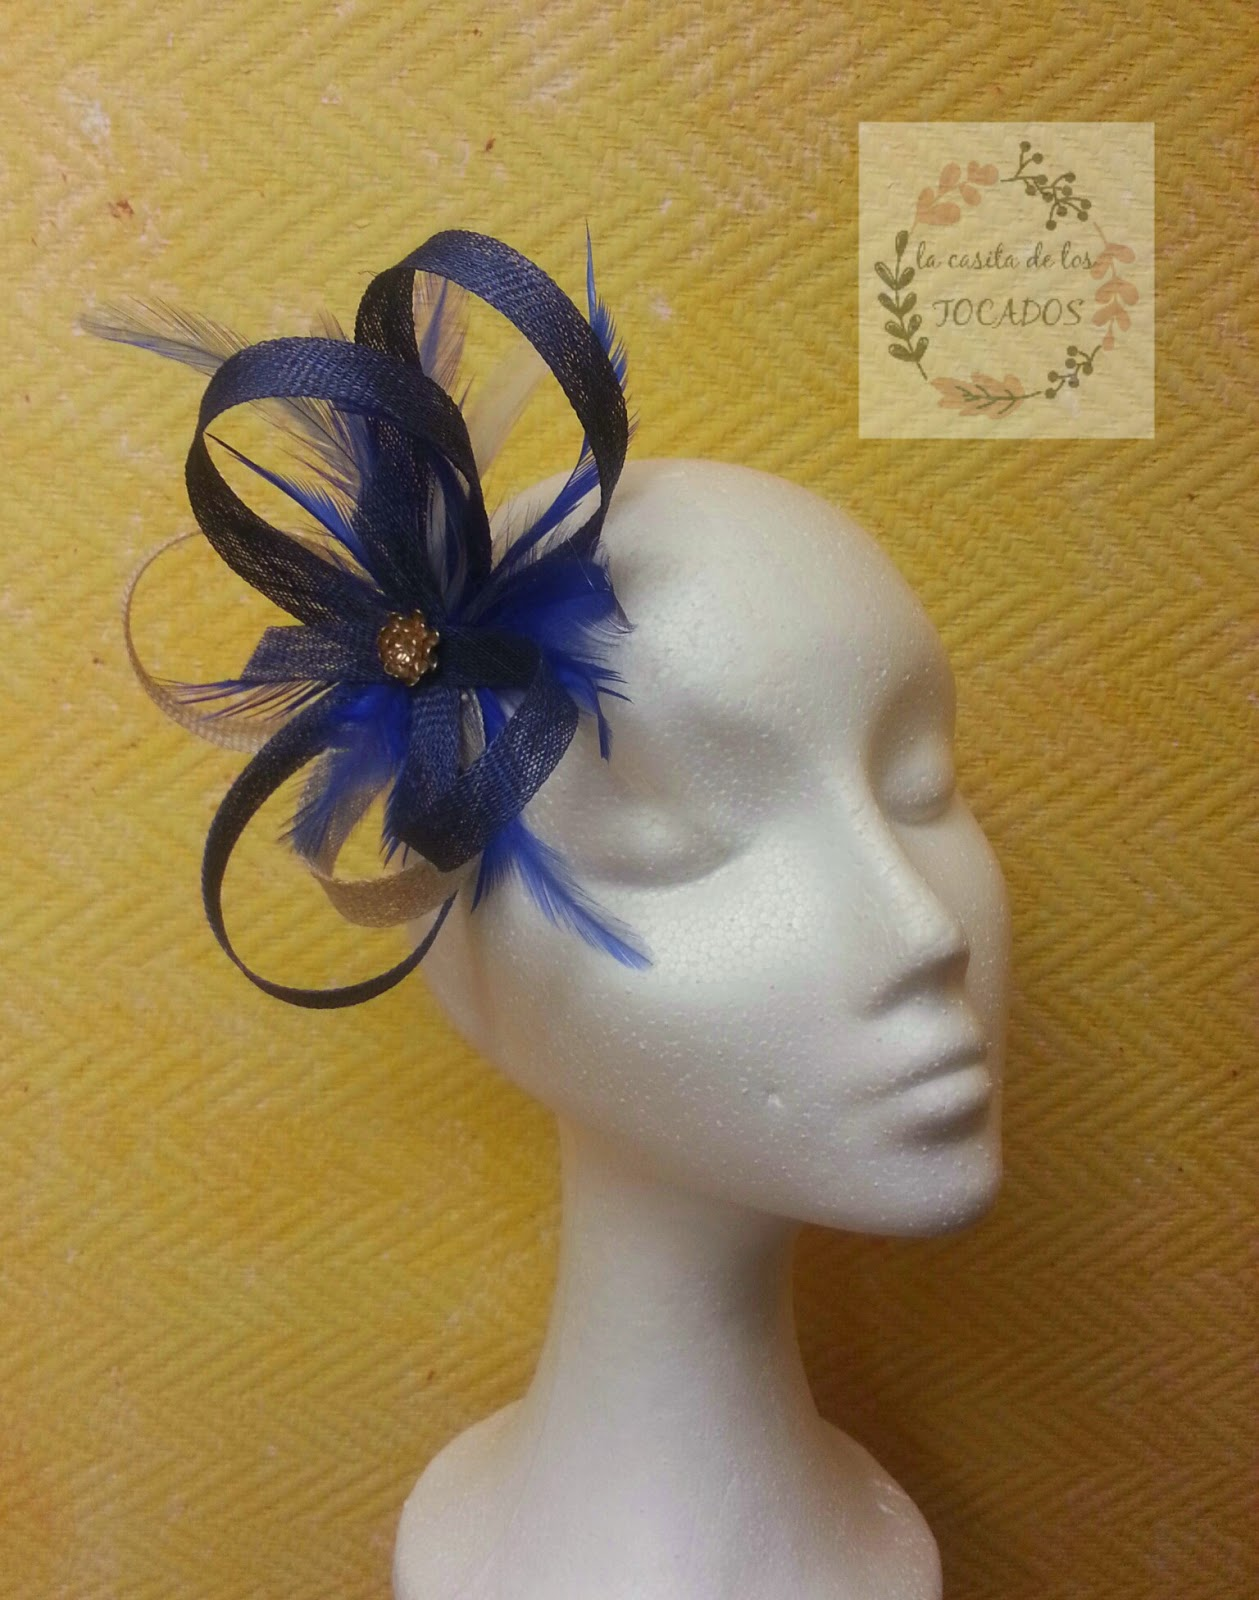 tocado elegante para boda a buen precio en colores azulón y beige versátil con cualquier peinado